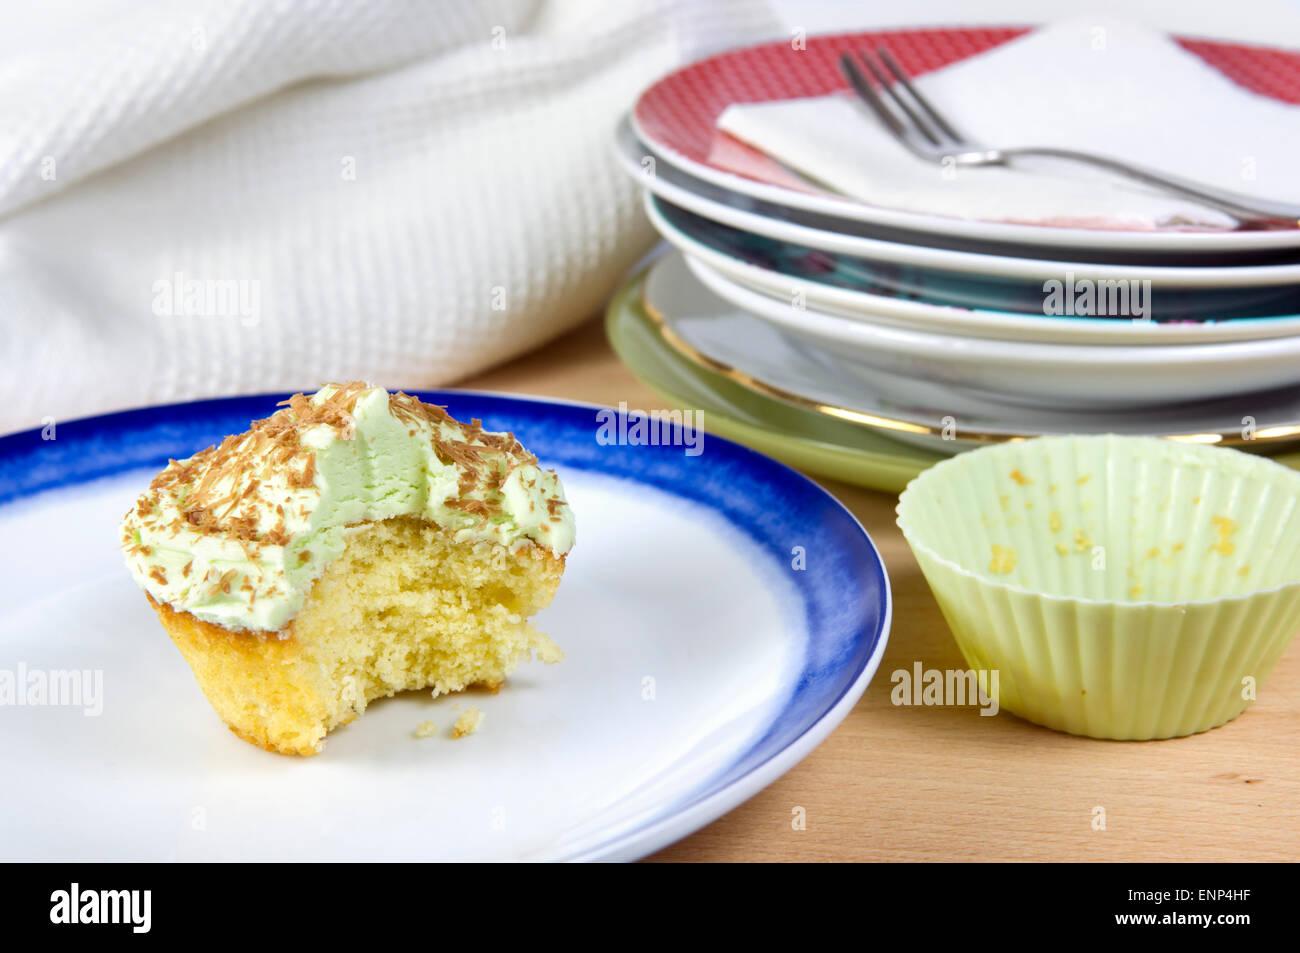 Pistazien Cupcake mit grünen Zuckerguss, Schokolade Späne und einen Bissen genommen, der auf einem weißen Stockbild